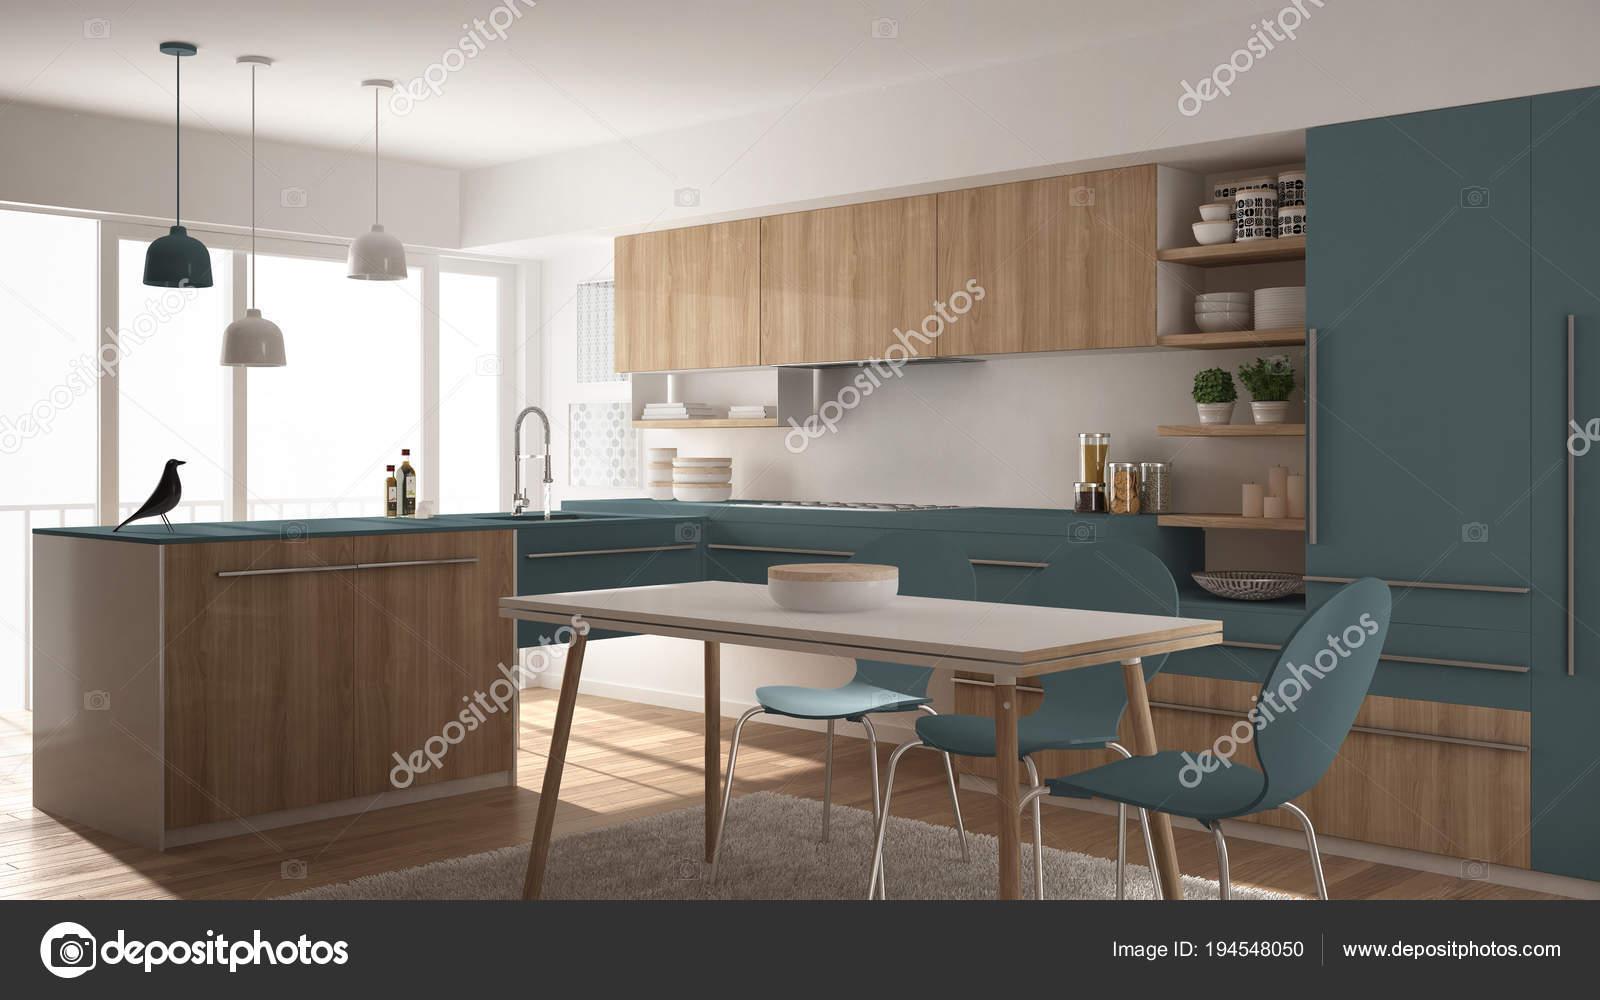 Tapijt Voor Keuken : Moderne minimalistische houten keuken met eettafel tapijt en